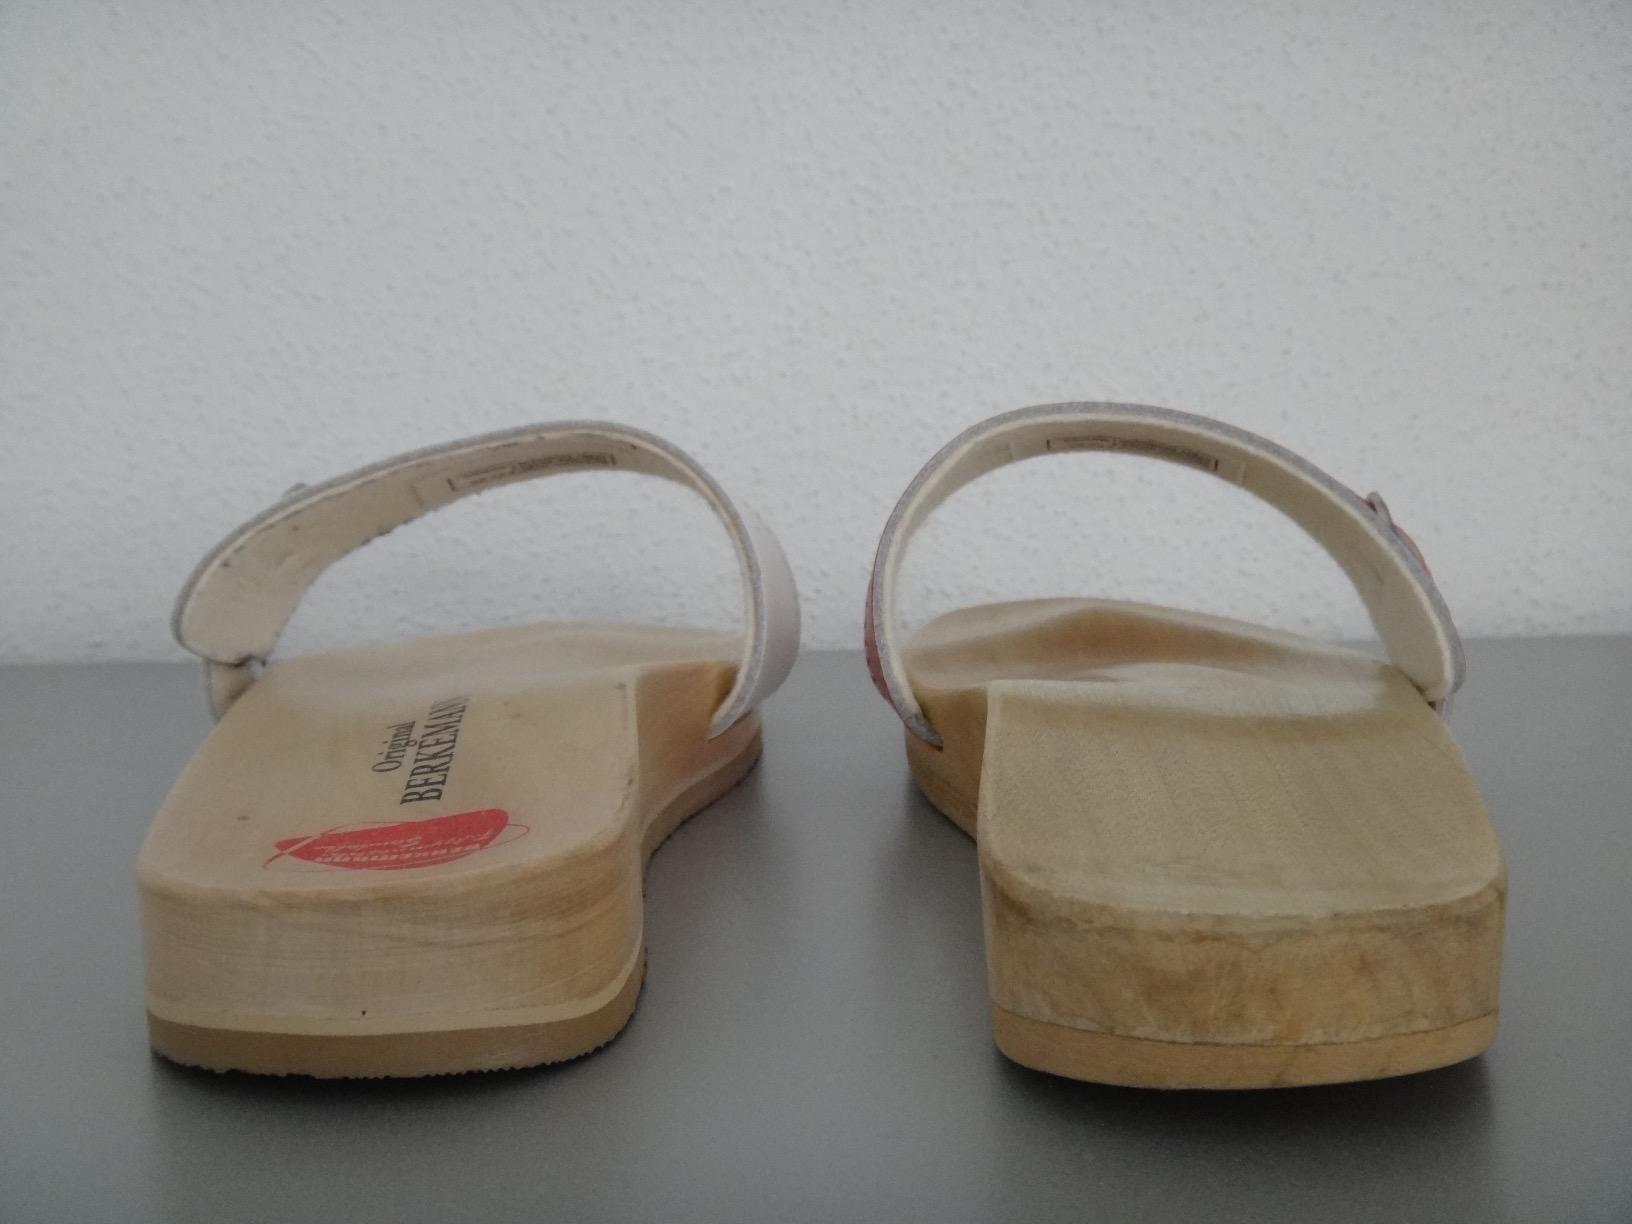 4227d9d28584 Sandals · www.amazon.de review reviews-lightbox